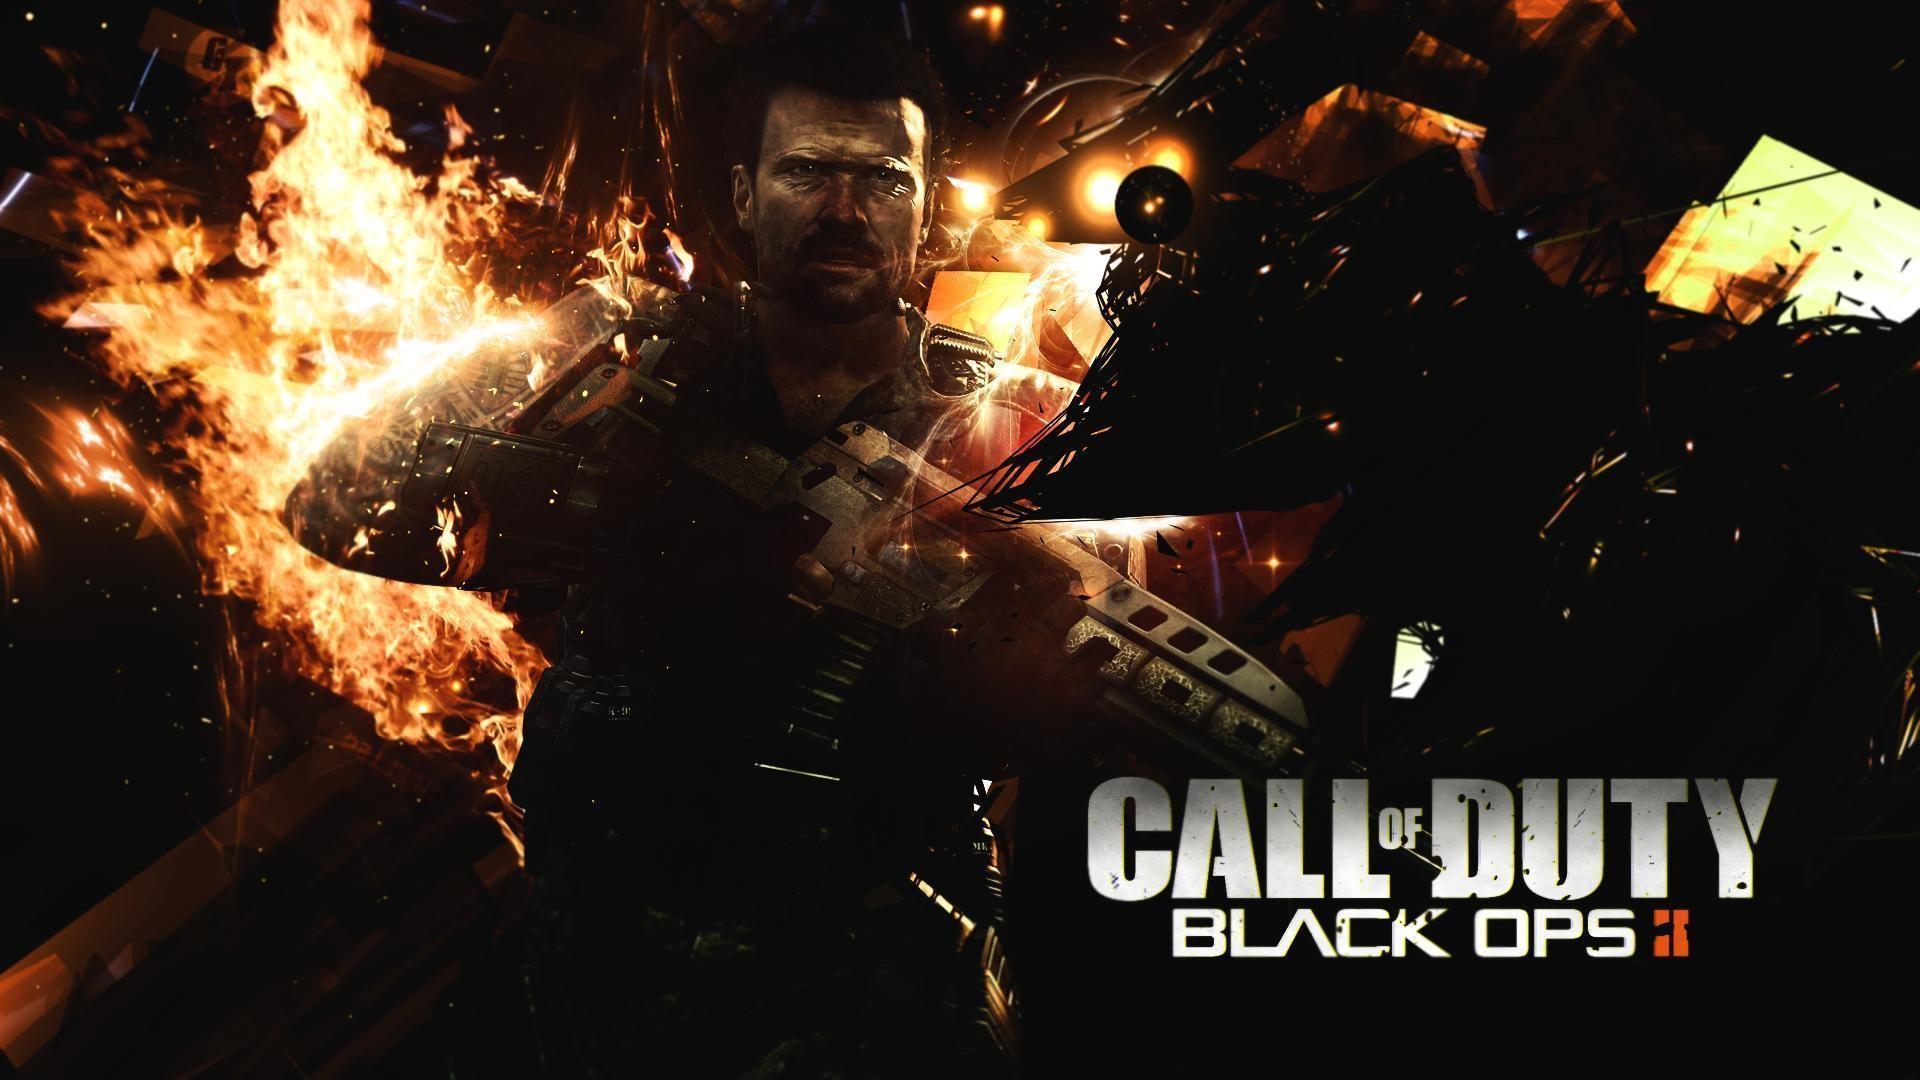 Call of Duty Black Ops 2 Wallpaper en 1080p. HD by Gigy1996 on .